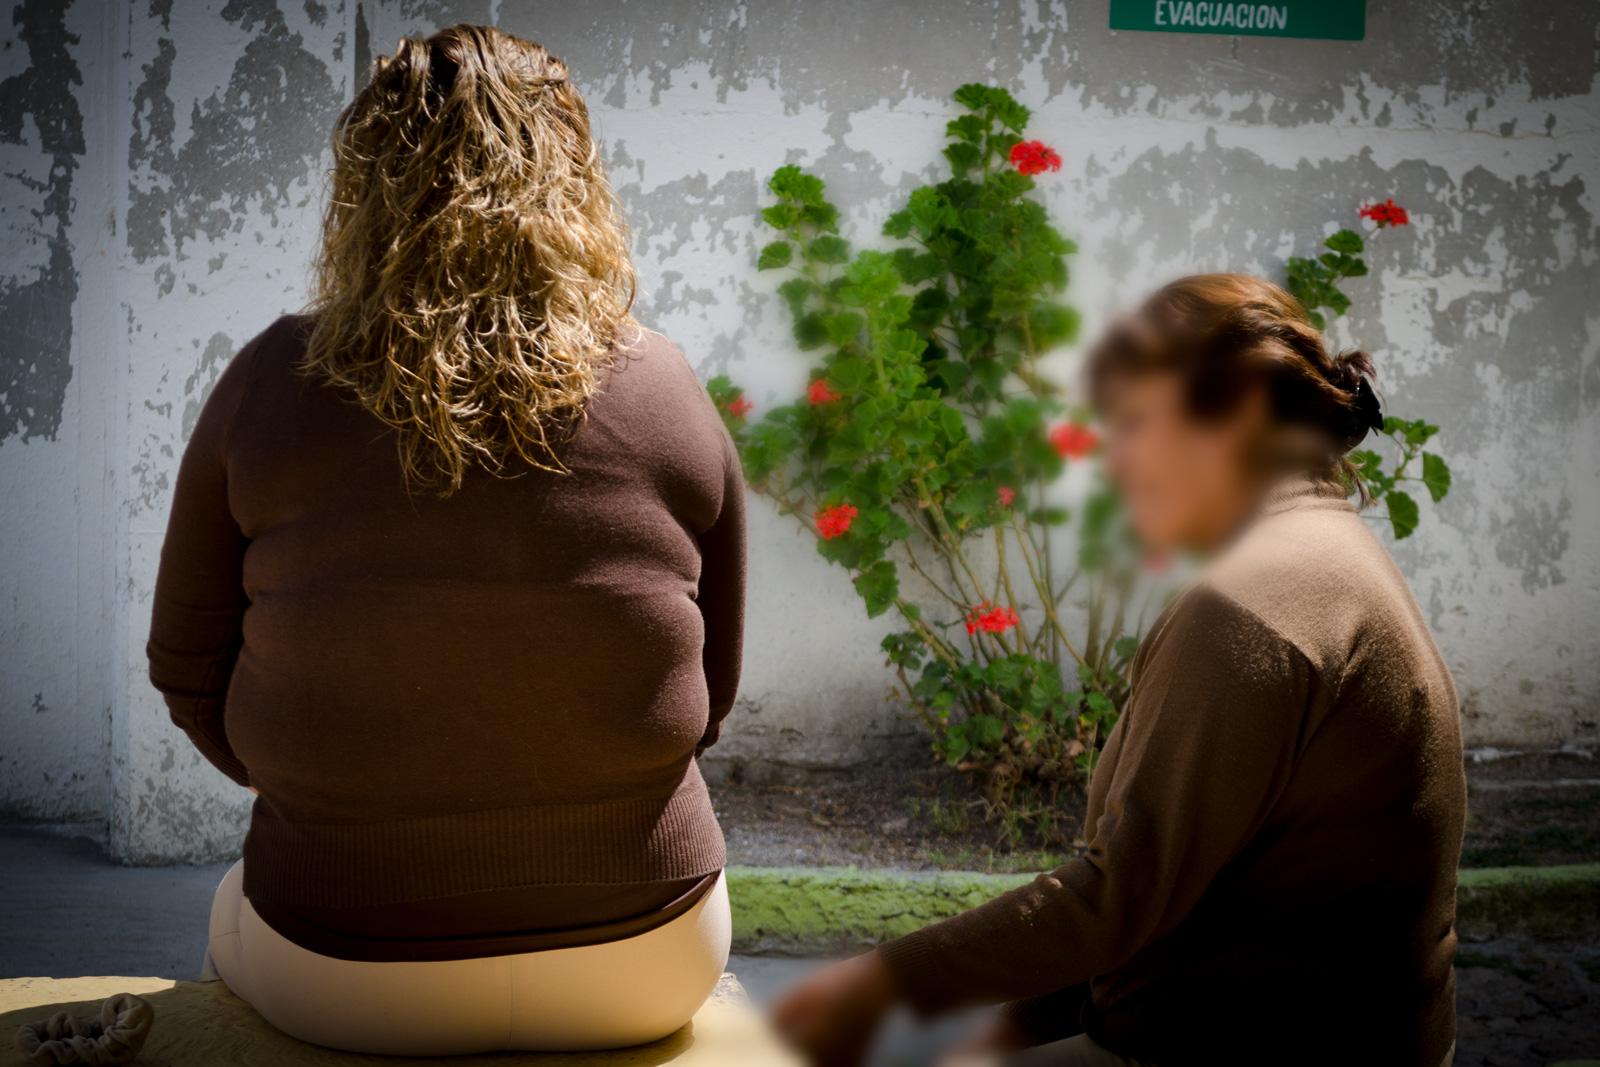 Mujeres sin justicia, acusadas de homicidio por sufrir un parto fortuito